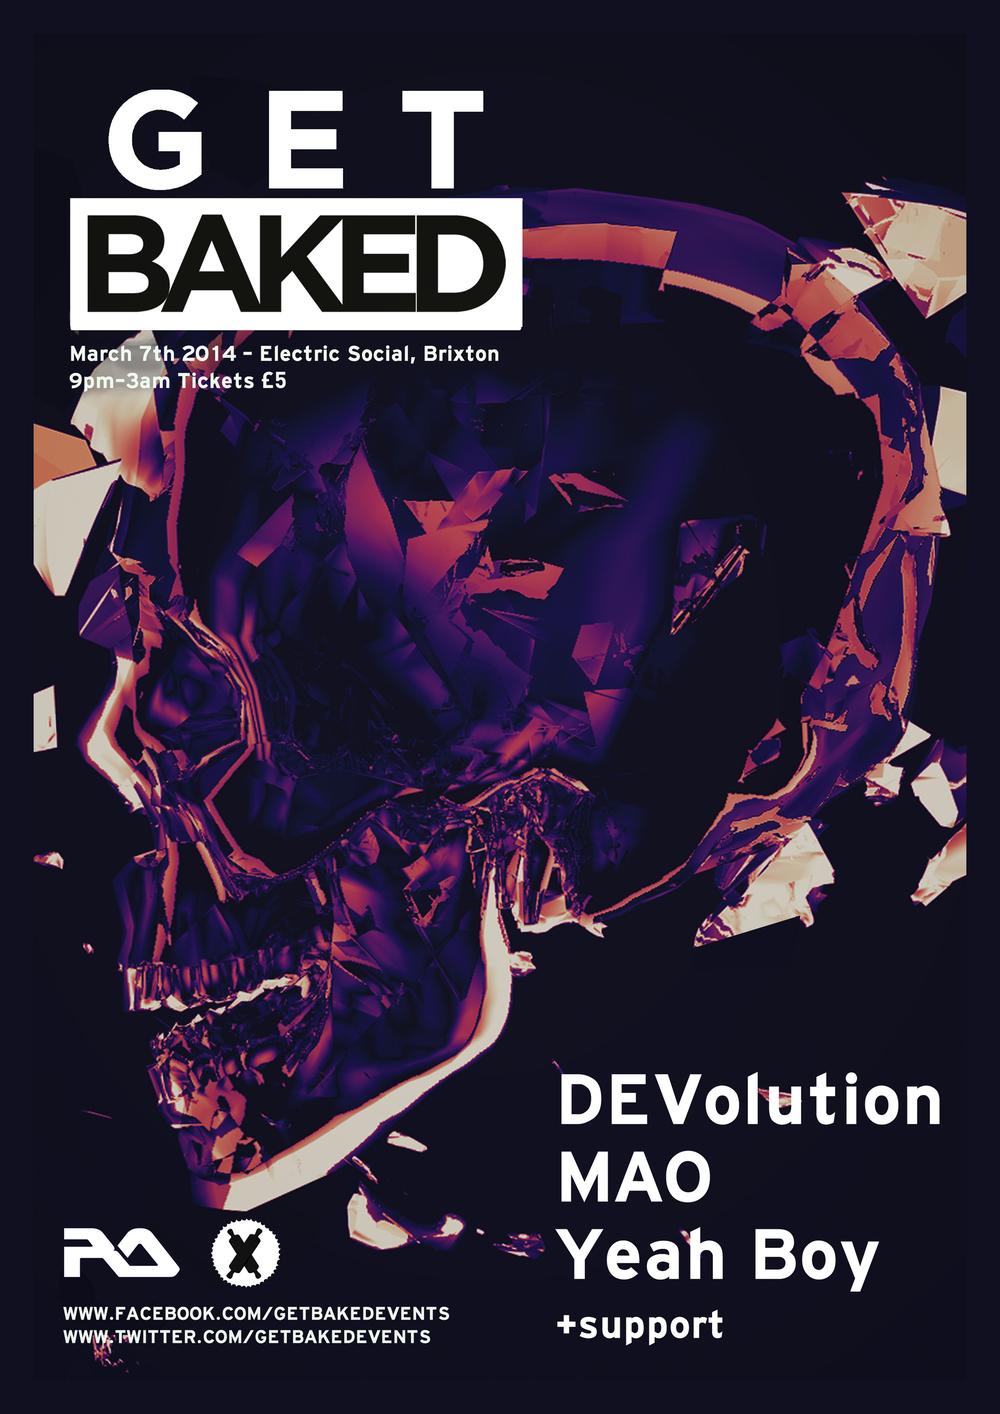 Get Baked A3 (Border) Final.jpg